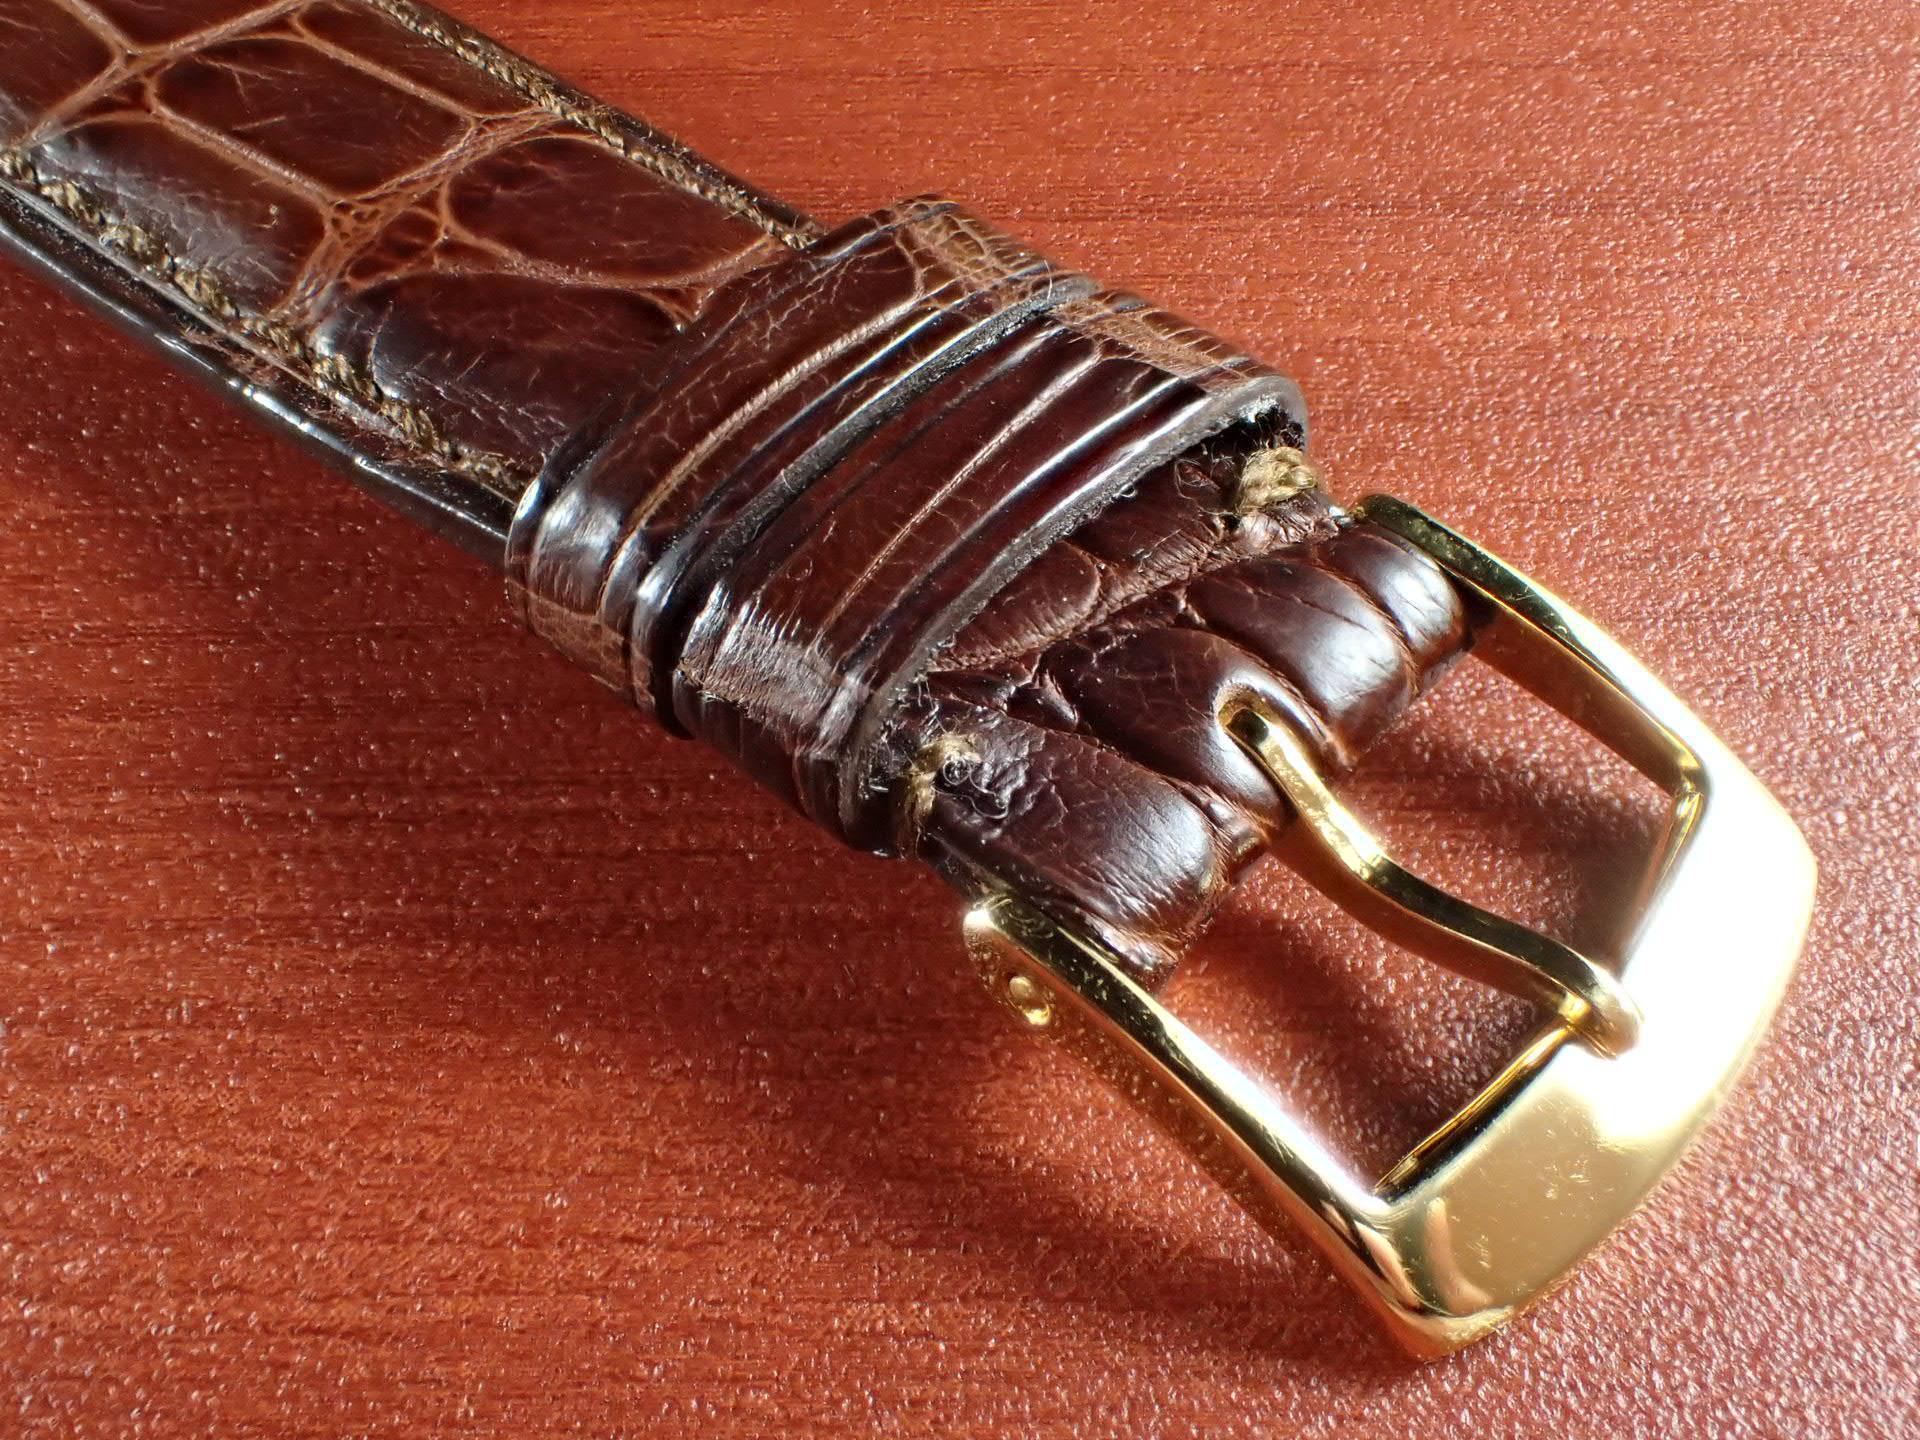 ジャン・クロード ペラン革ベルト(オールドぺラン)クロコダイル ダークブラウン 16mmの写真3枚目